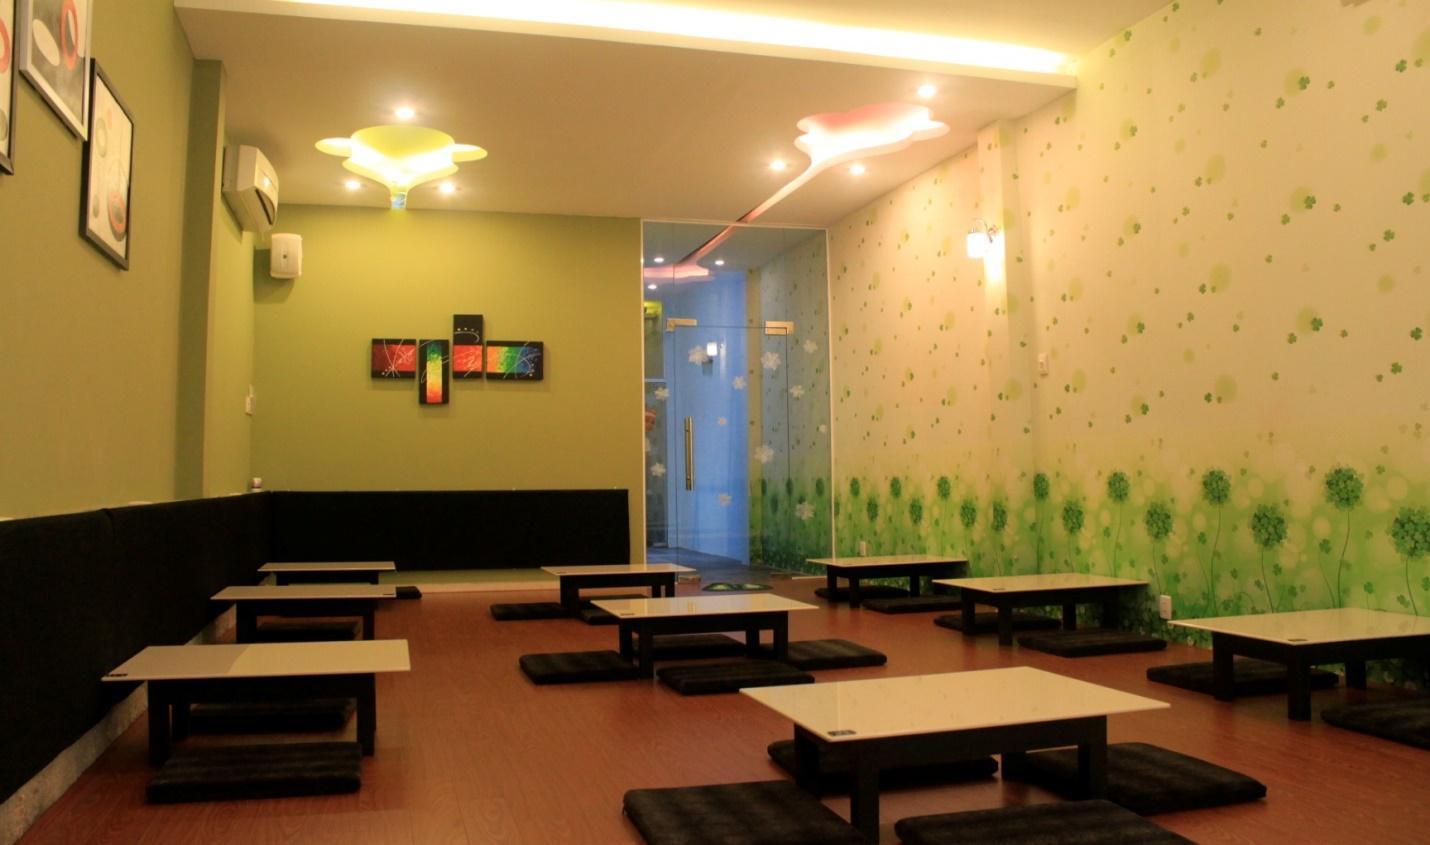 Giấy dán tường với hoa cỏ màu xanh lá giản dị